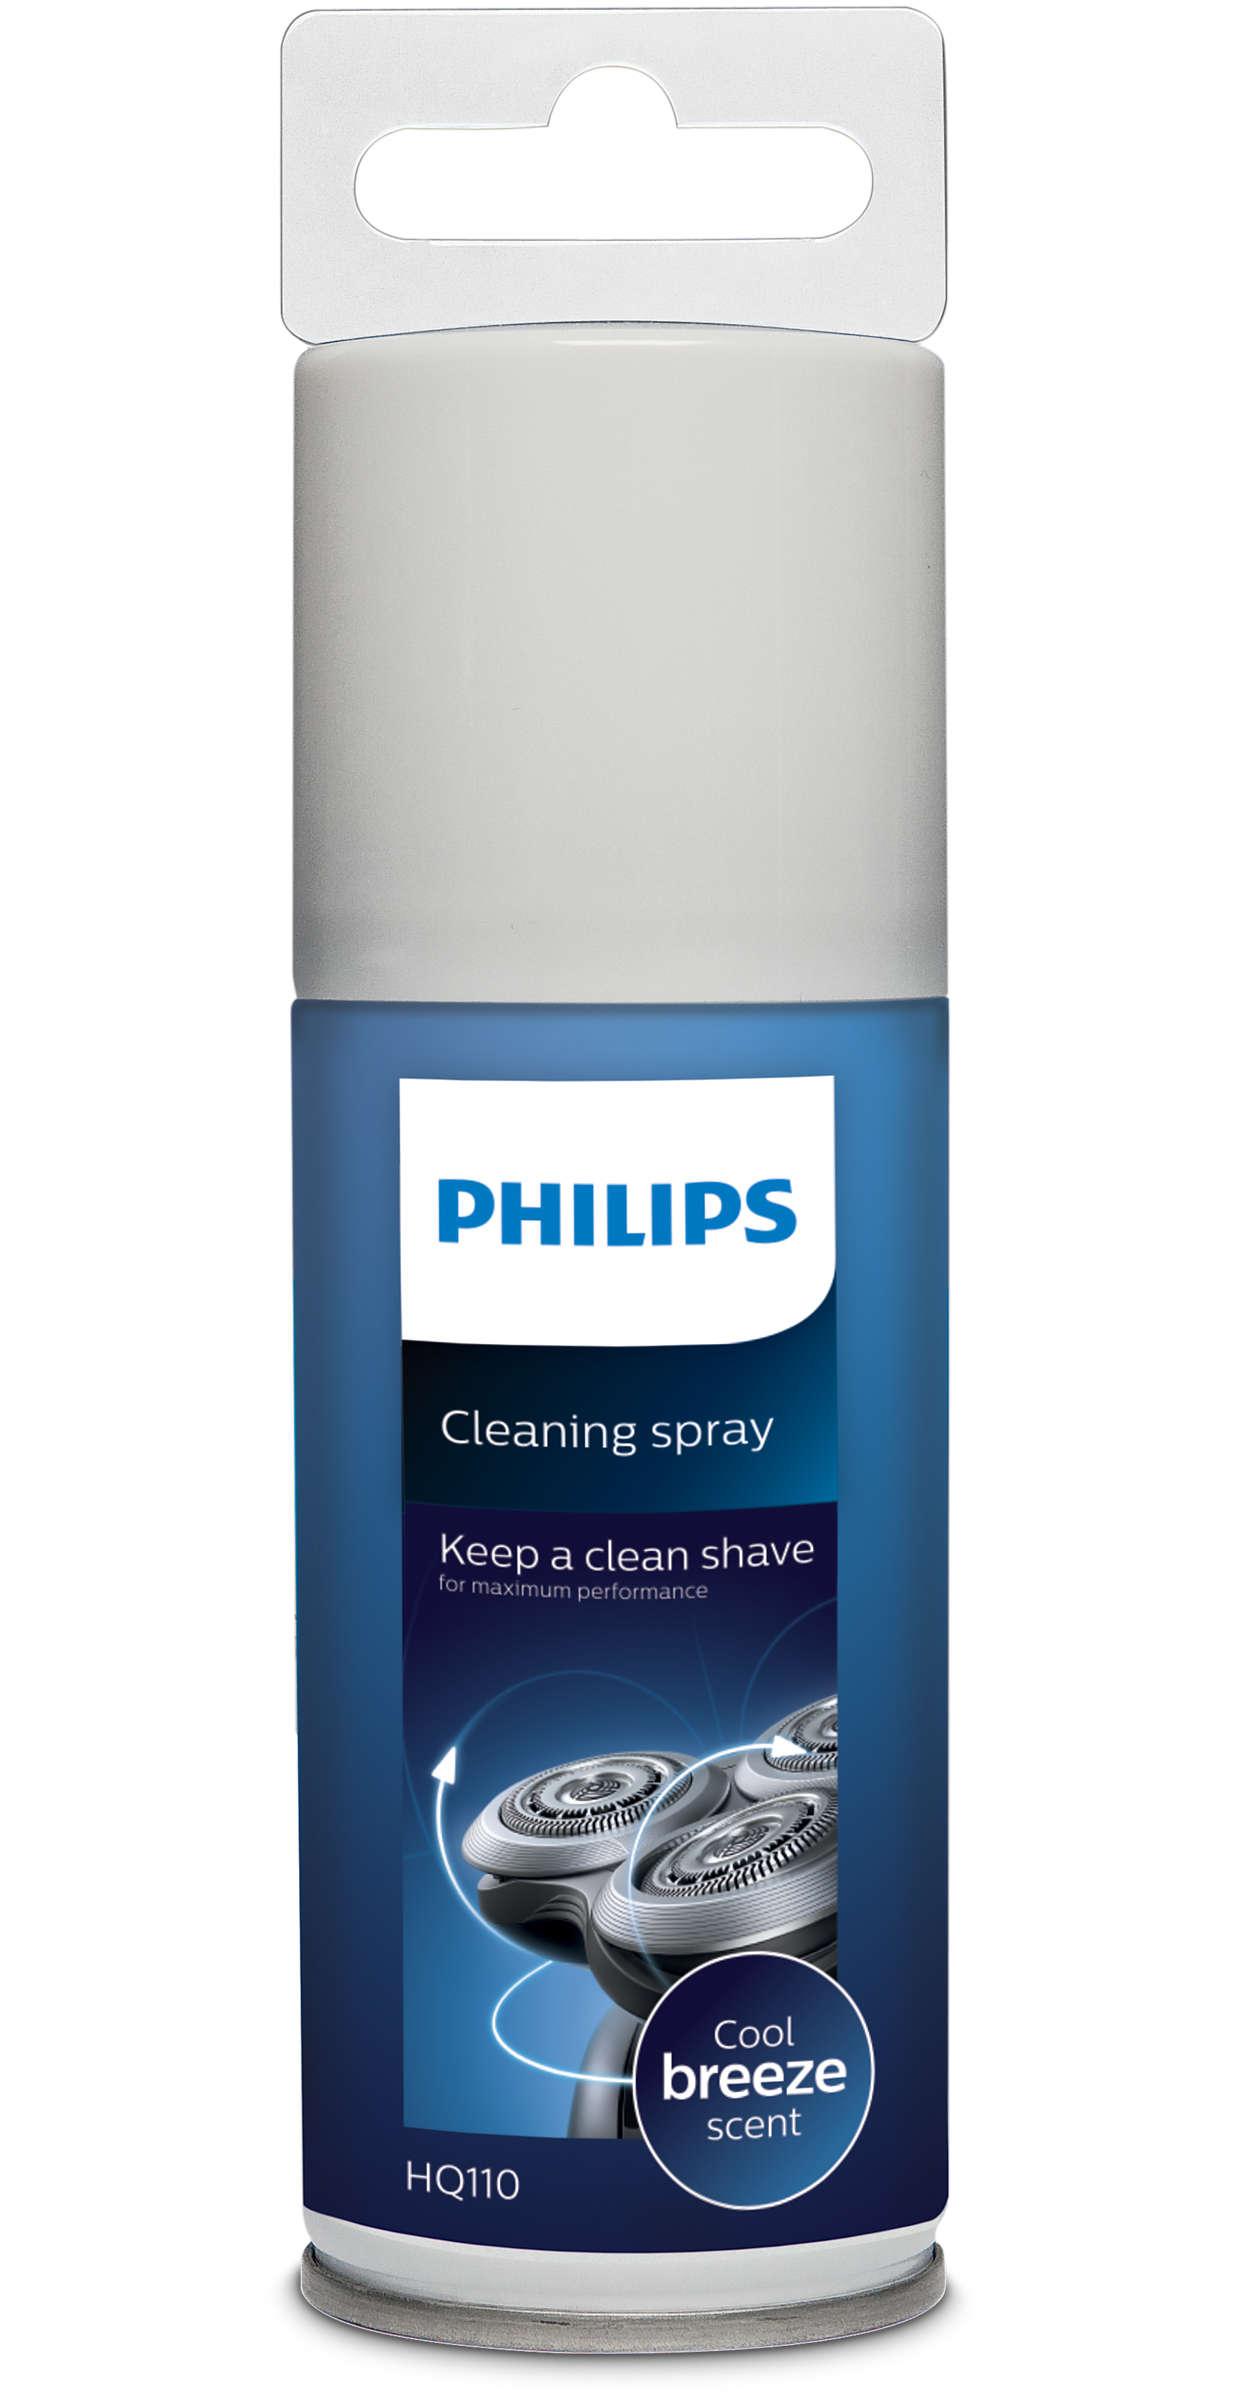 Doprajte si čisté oholenie